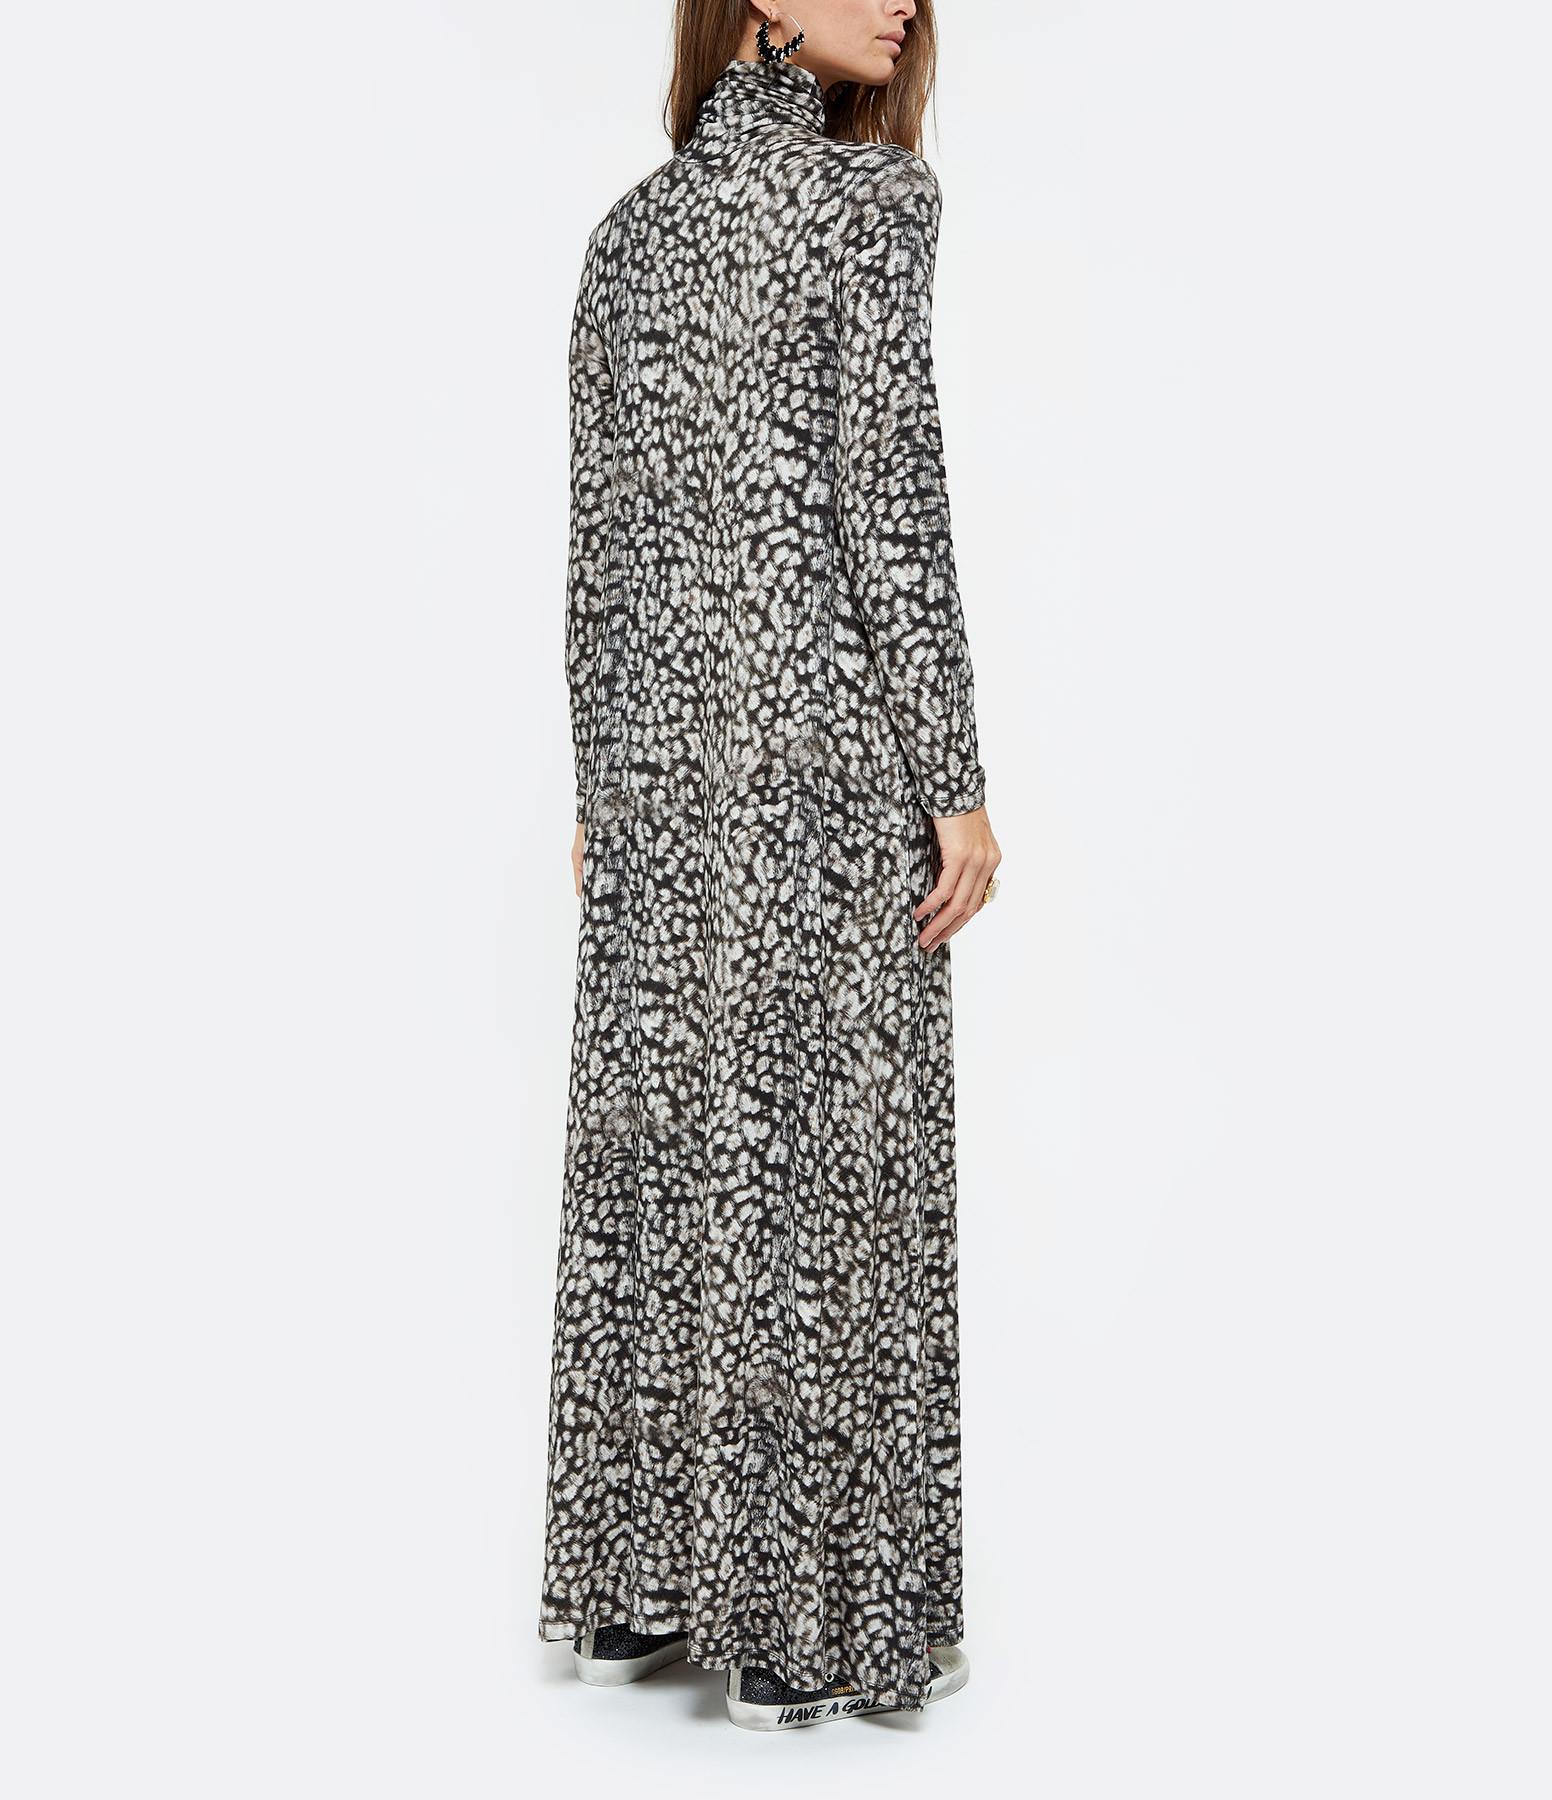 MAJESTIC FILATURES - Robe Col Roulé Jaguar Noir